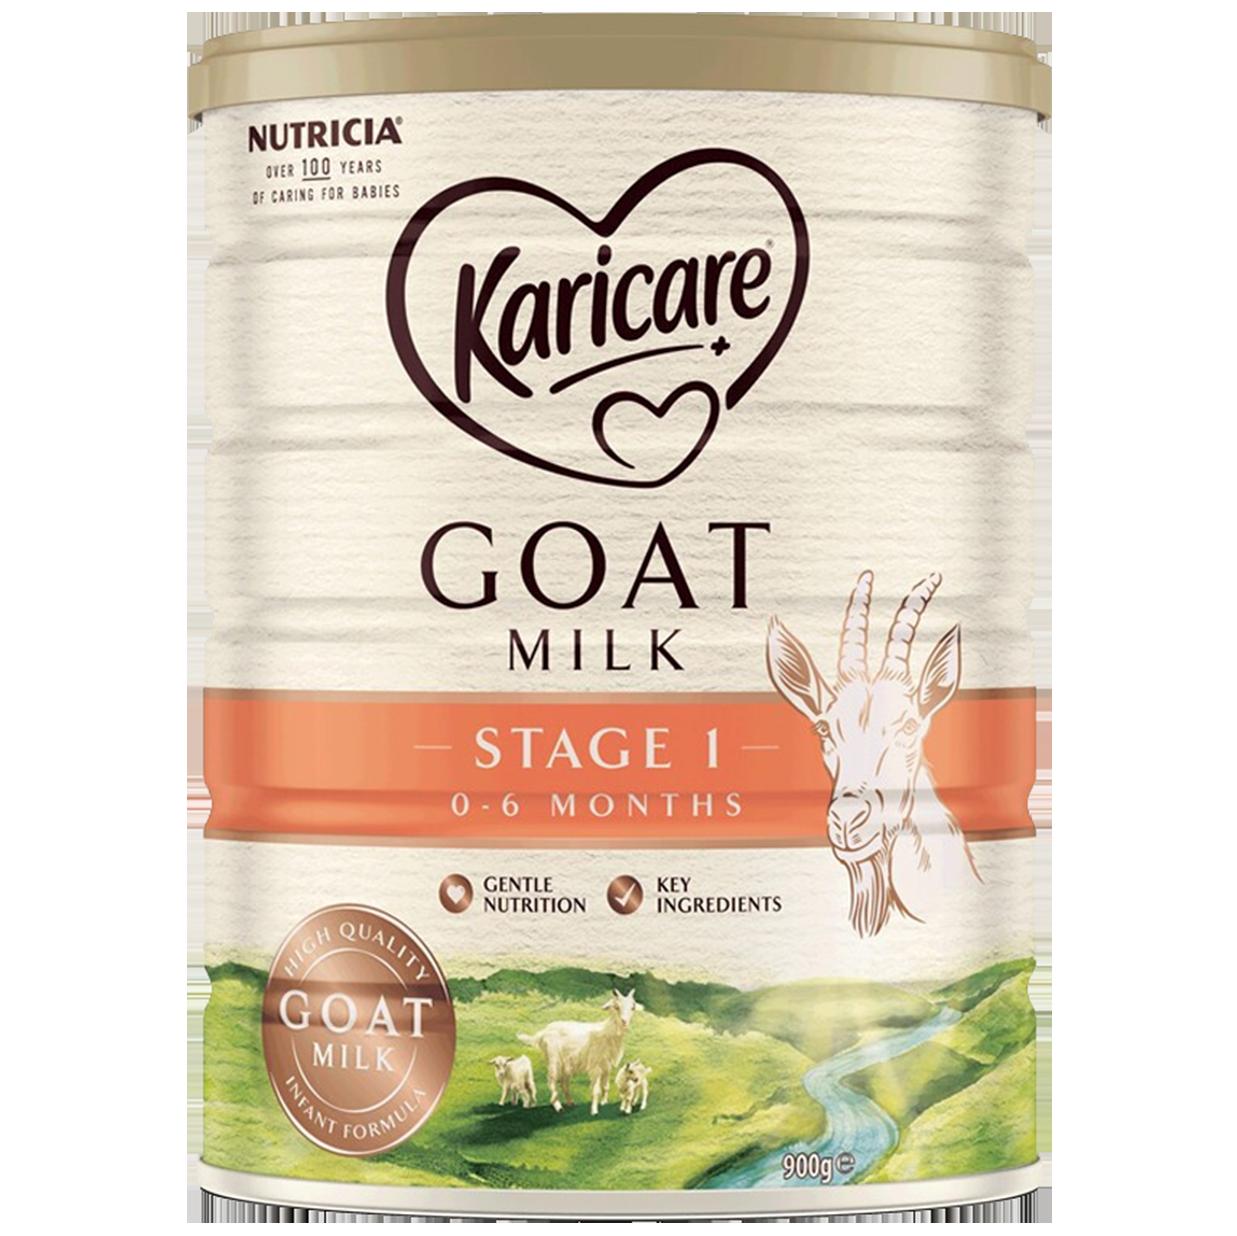 澳洲可瑞康羊奶 Karicare